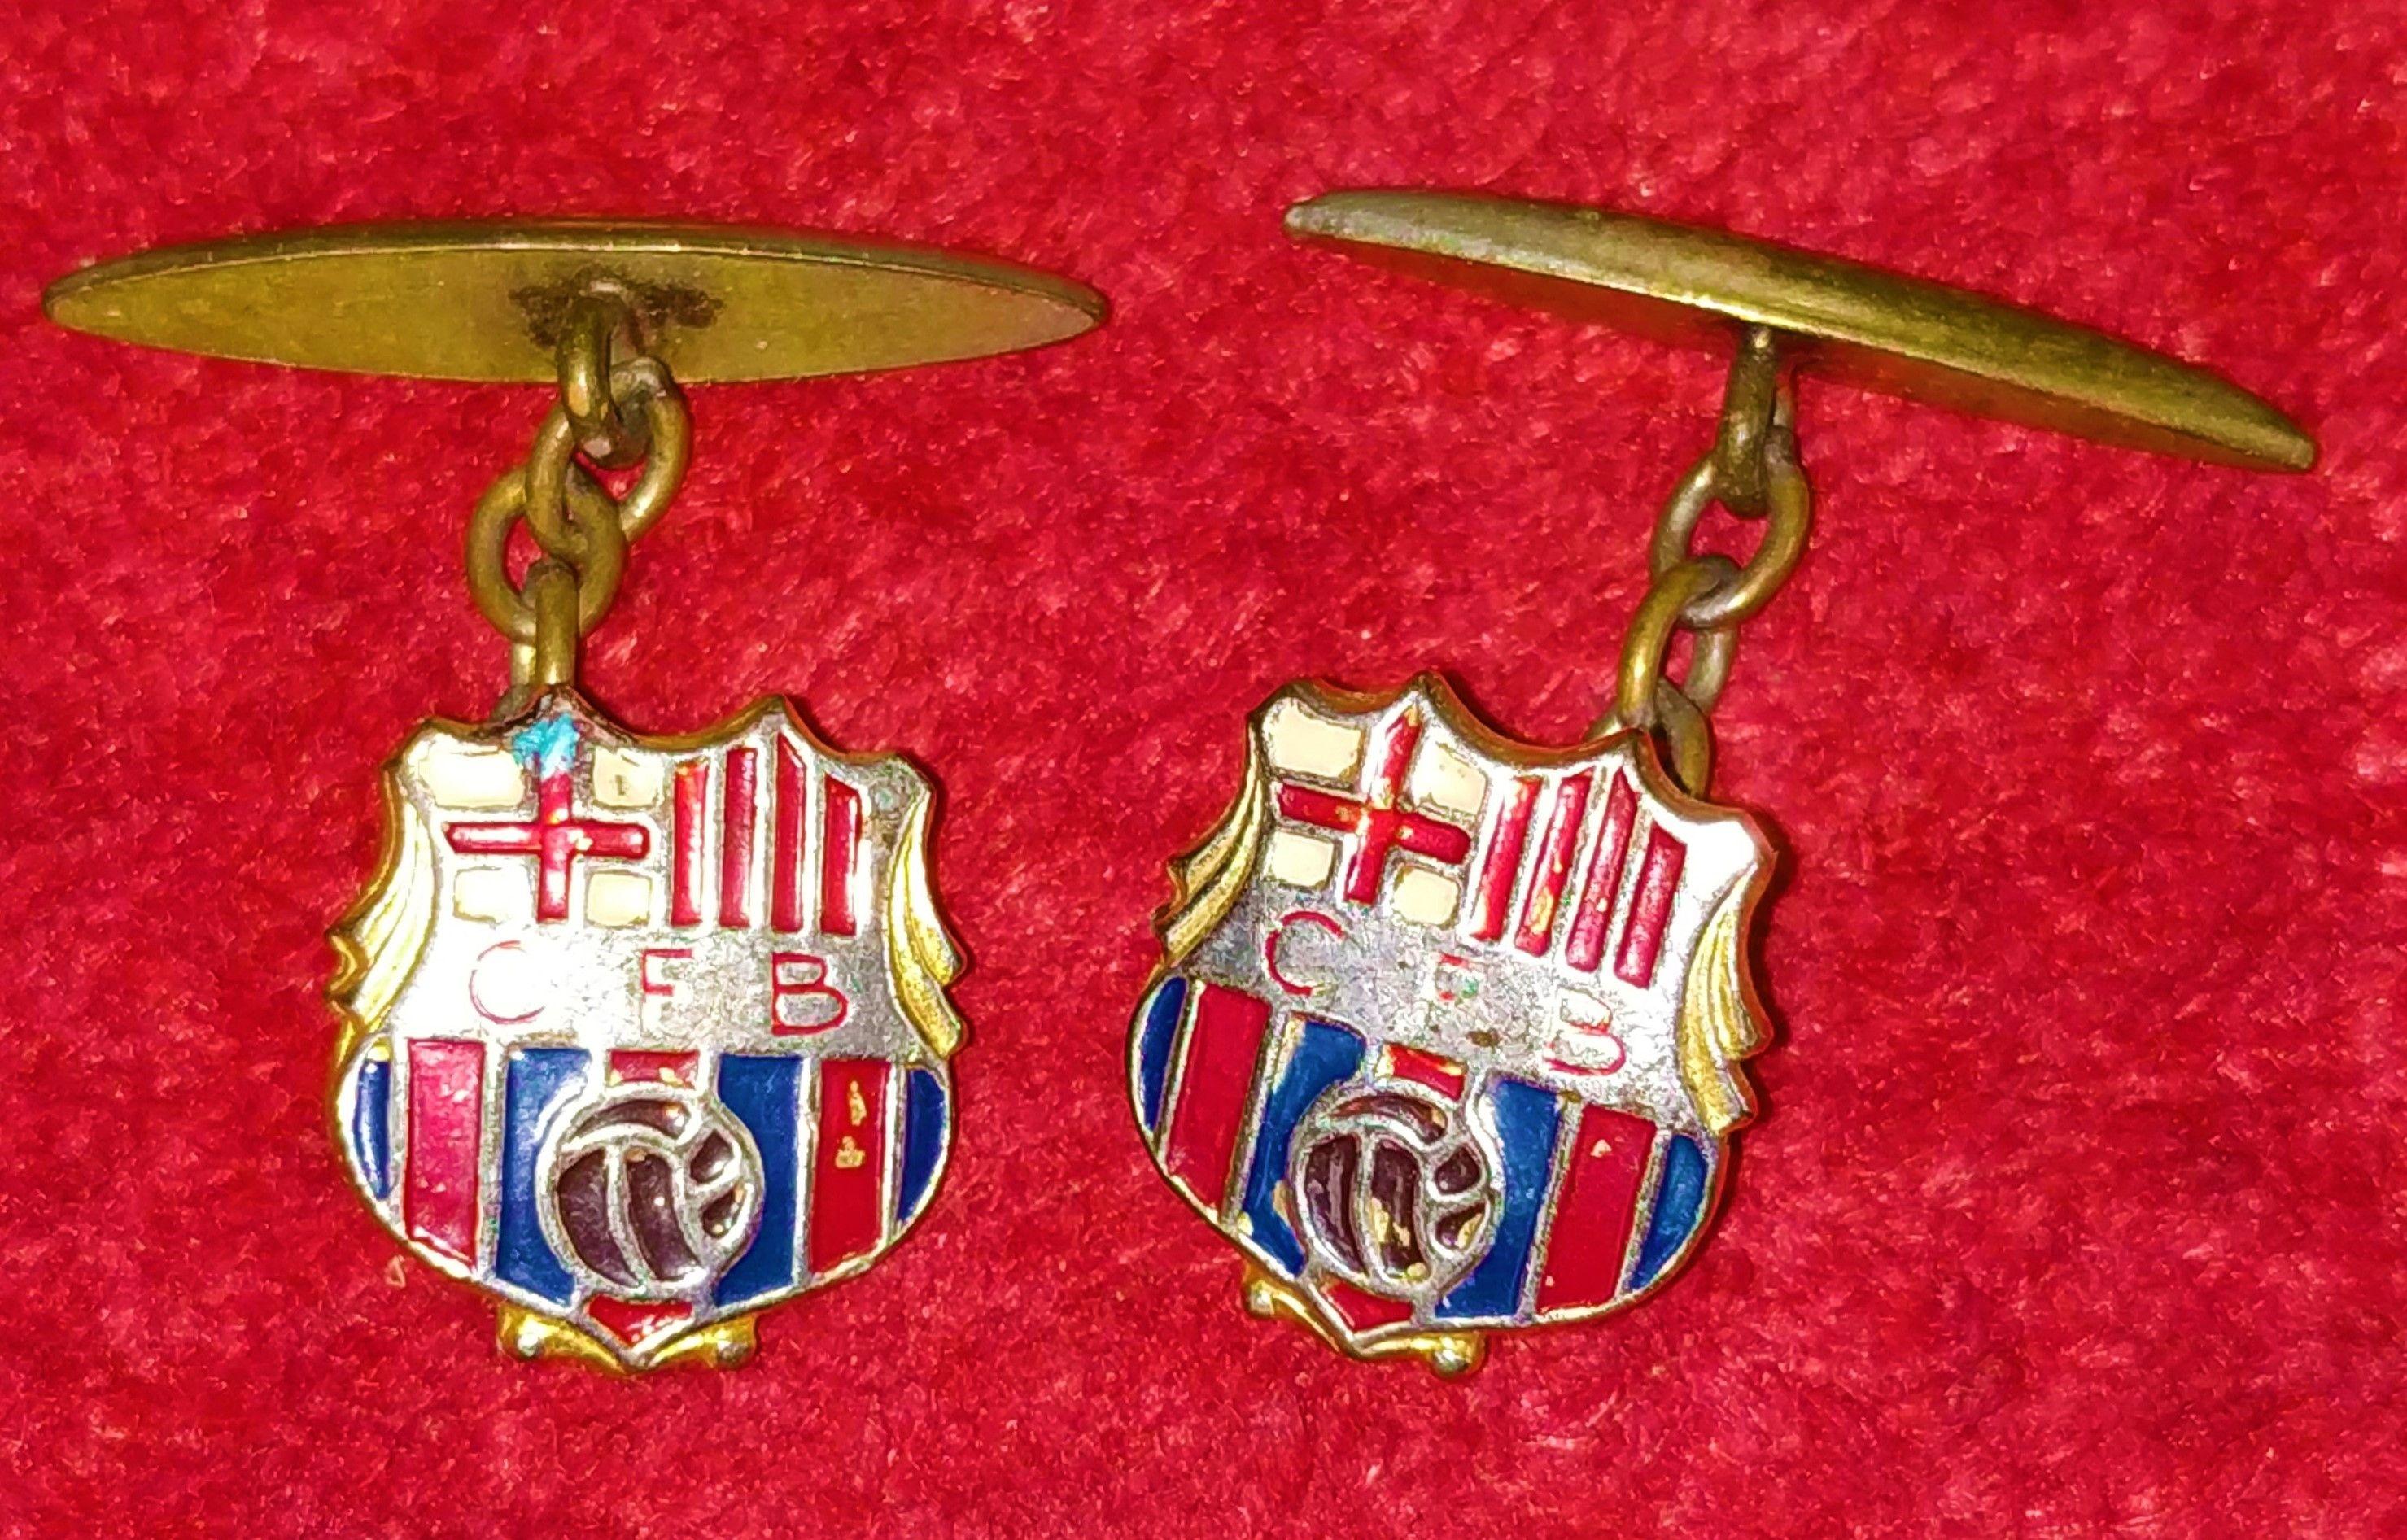 DADATU Sellos De Los Siete Arc/ángeles Vidrio Cabochon Moda Joyer/ía Conjunto Plata Collar Arete Sacabate Conjuntos De Joyas para Mujeres Regalos